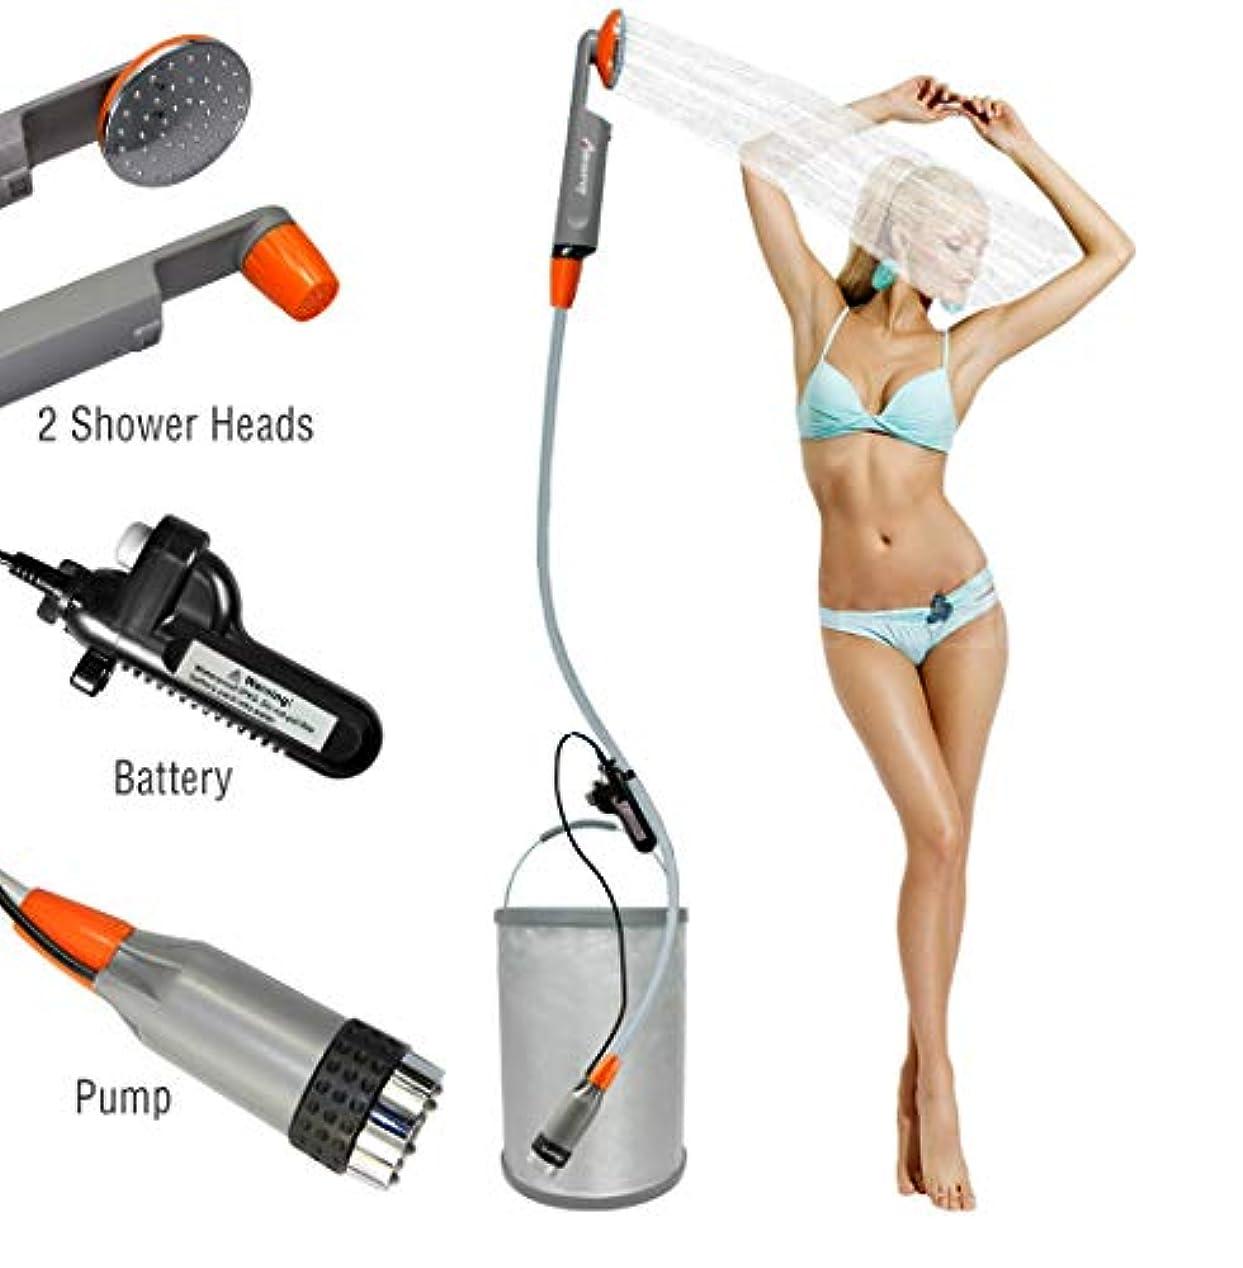 とは異なり緊急比べるLUOOV [アップグレード] ポータブル キャンプ シャワー コンパクト シャワー ポンプ デュアル 取り外し可能 USB 充電式 バッテリー ハンドヘルド アウトドア シャワー ヘッド キャンプ ハイキング 旅行 使用 ポータブル シャワー